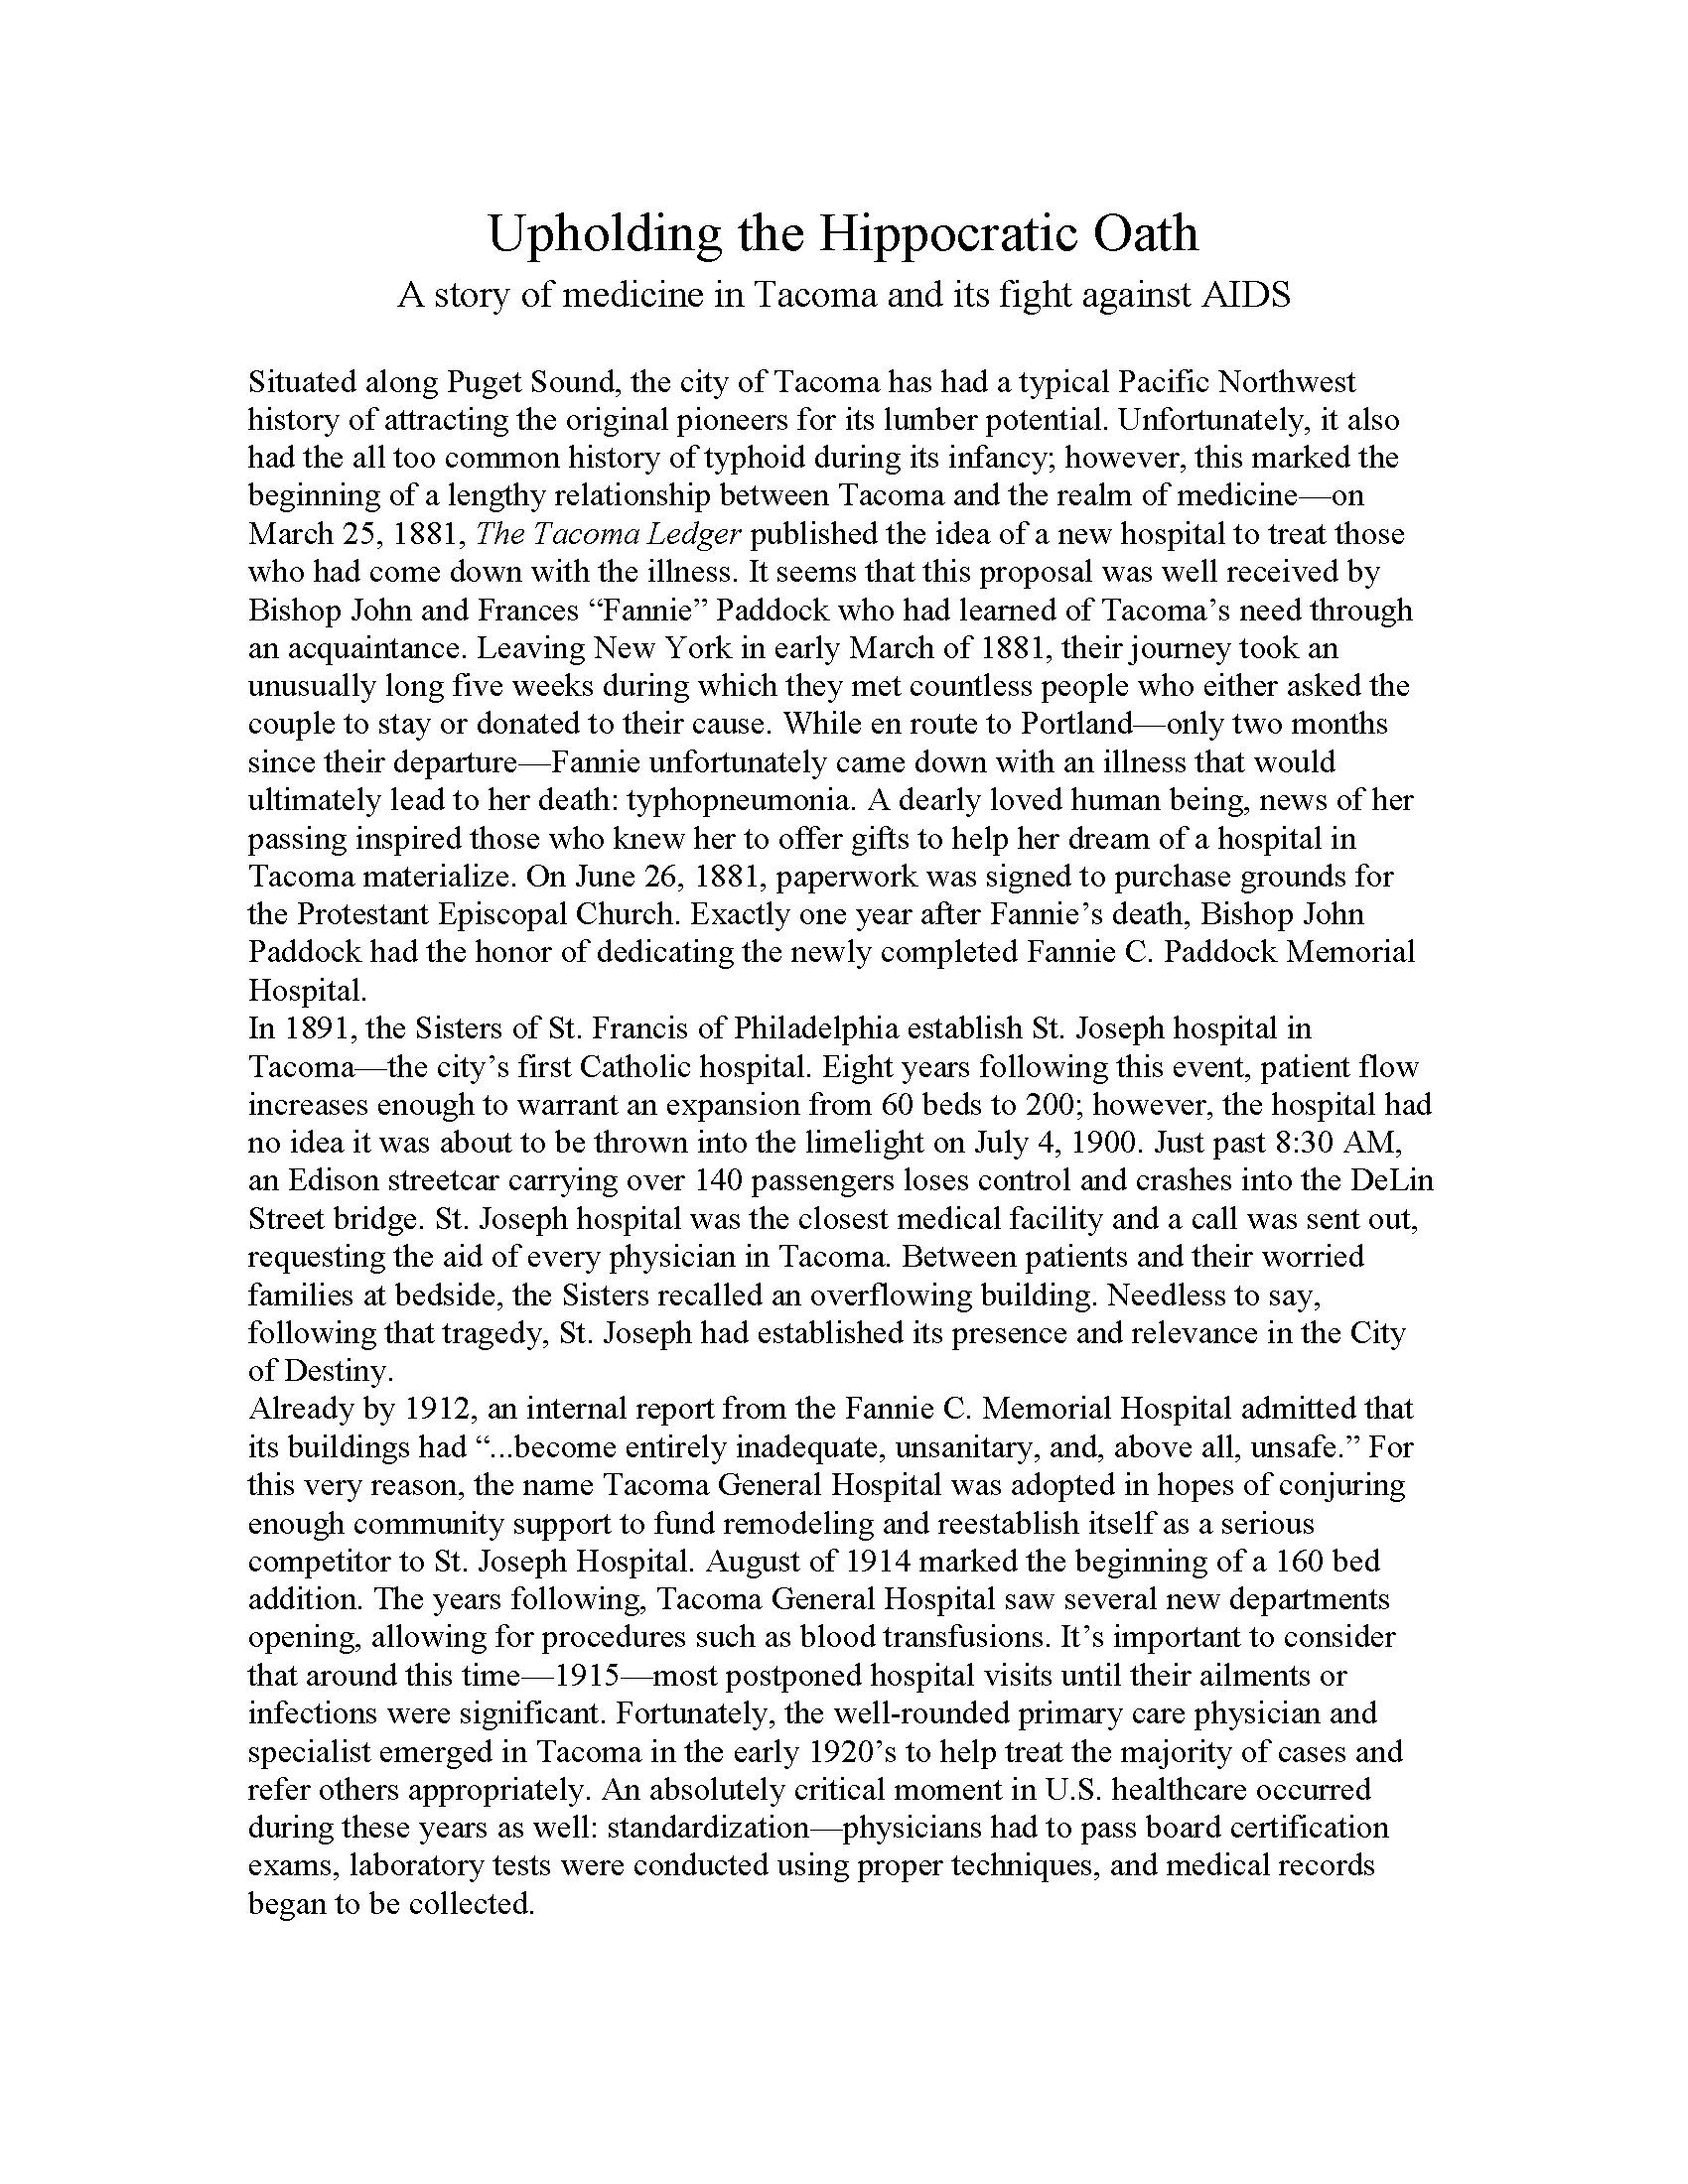 Joshua Wright, research essay - Tacoma Community History